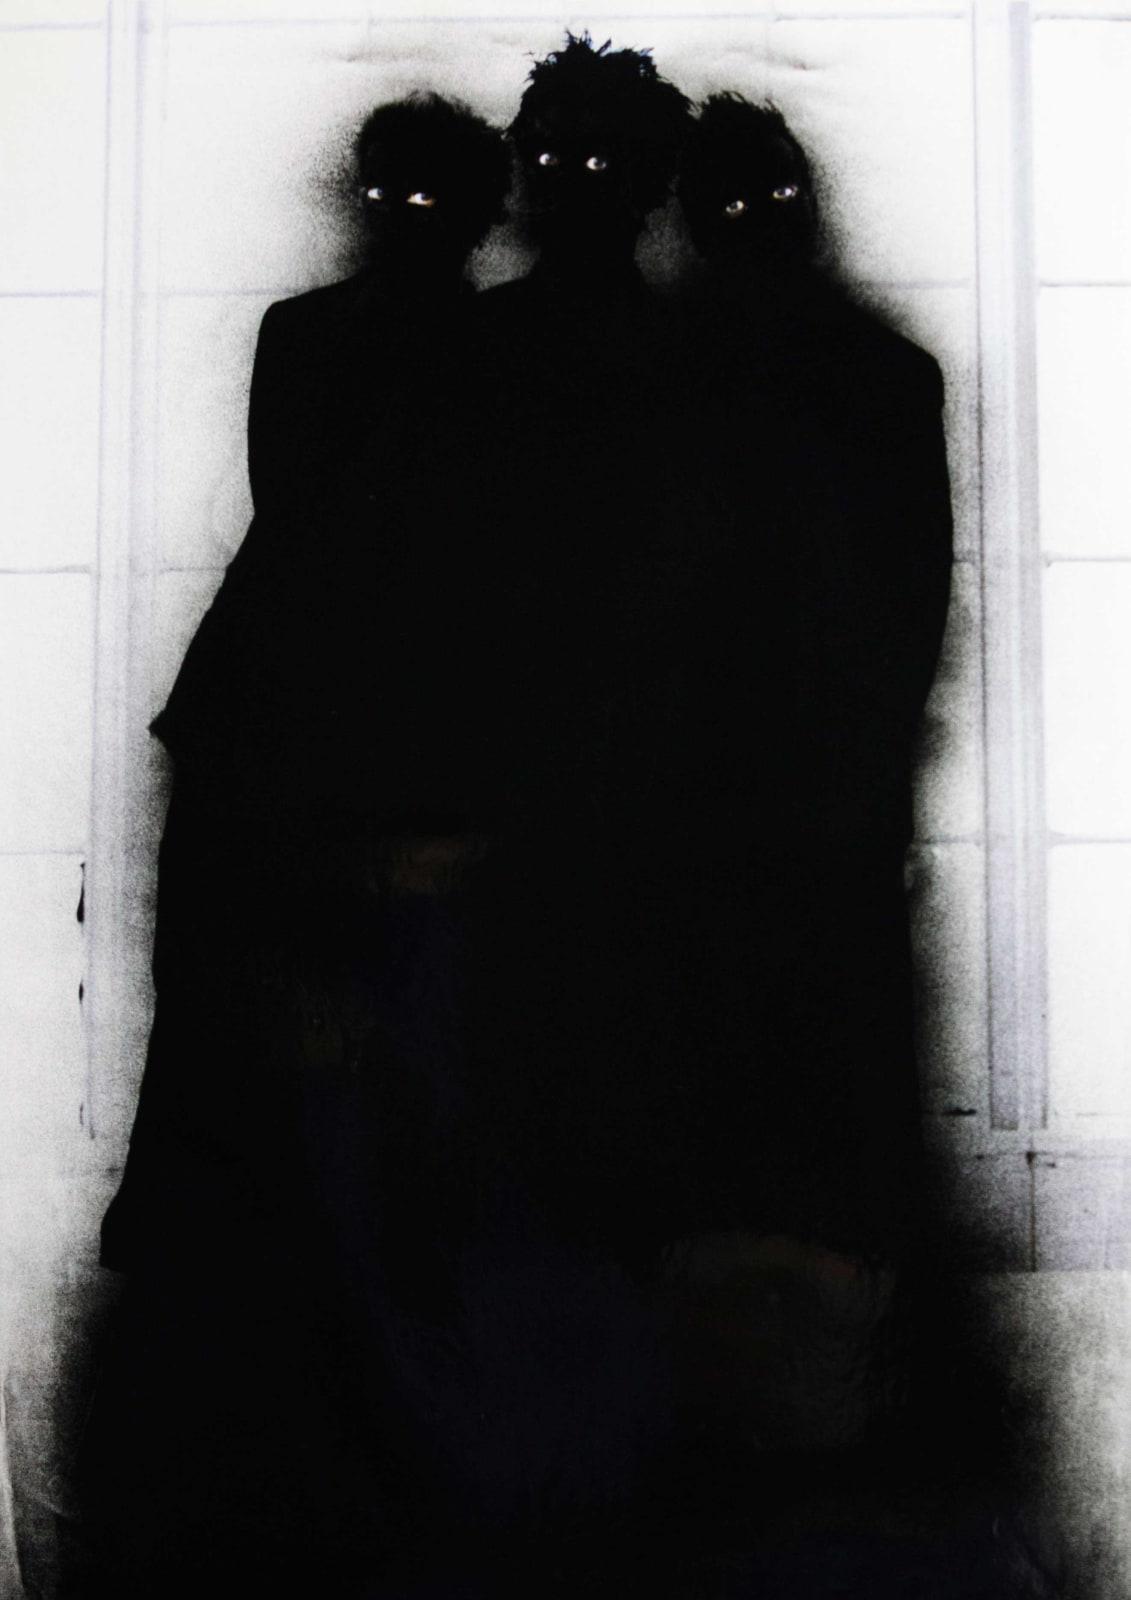 Tony Garifalakis, Dull Day, 2012